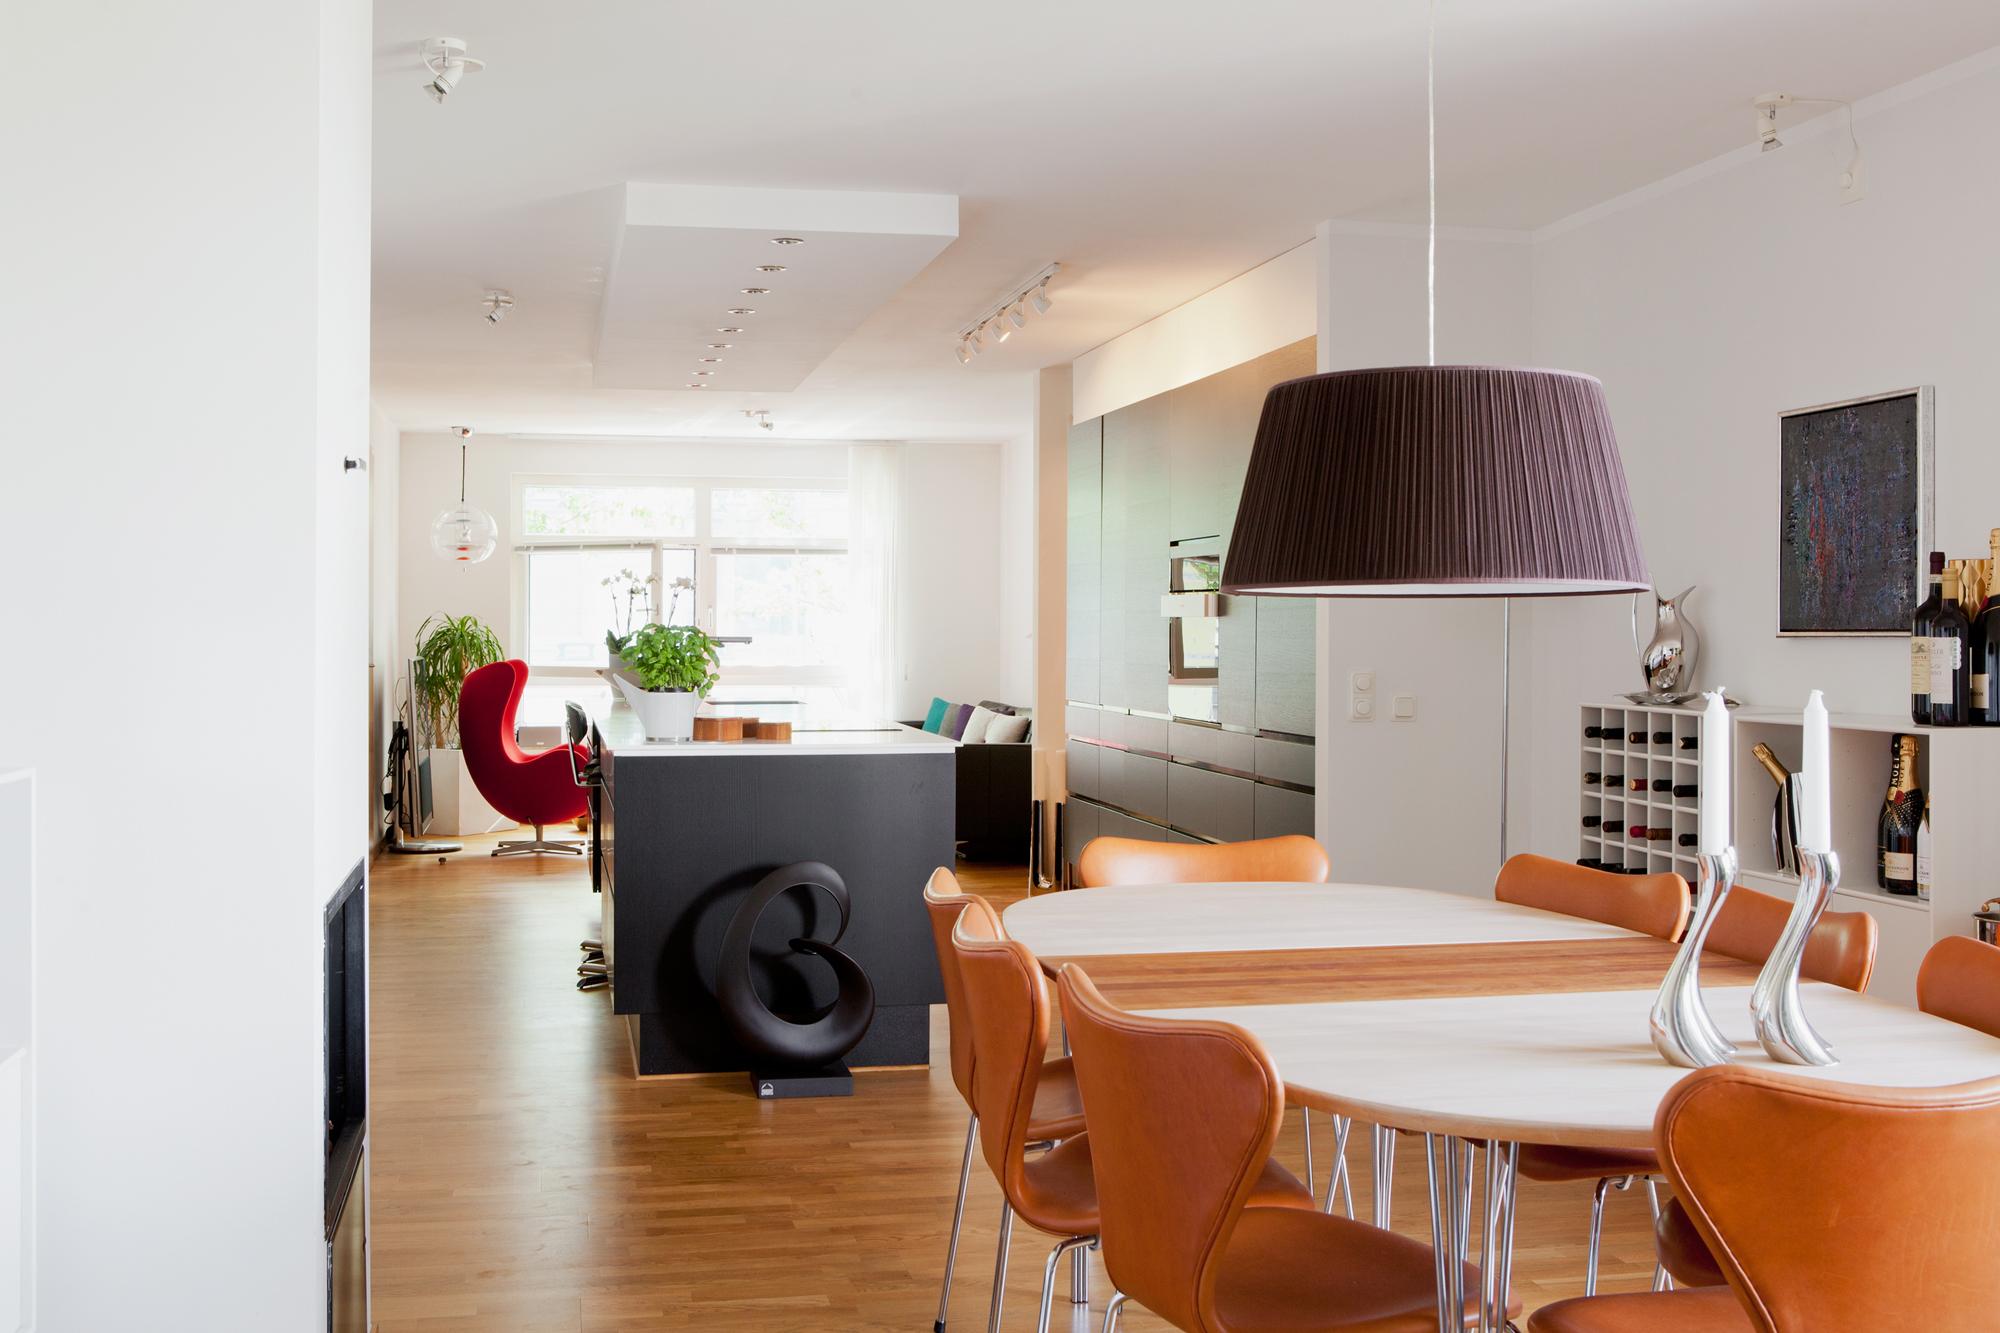 Dise o dan s que me gusta mucho blog tienda decoraci n - Blog de diseno de interiores ...